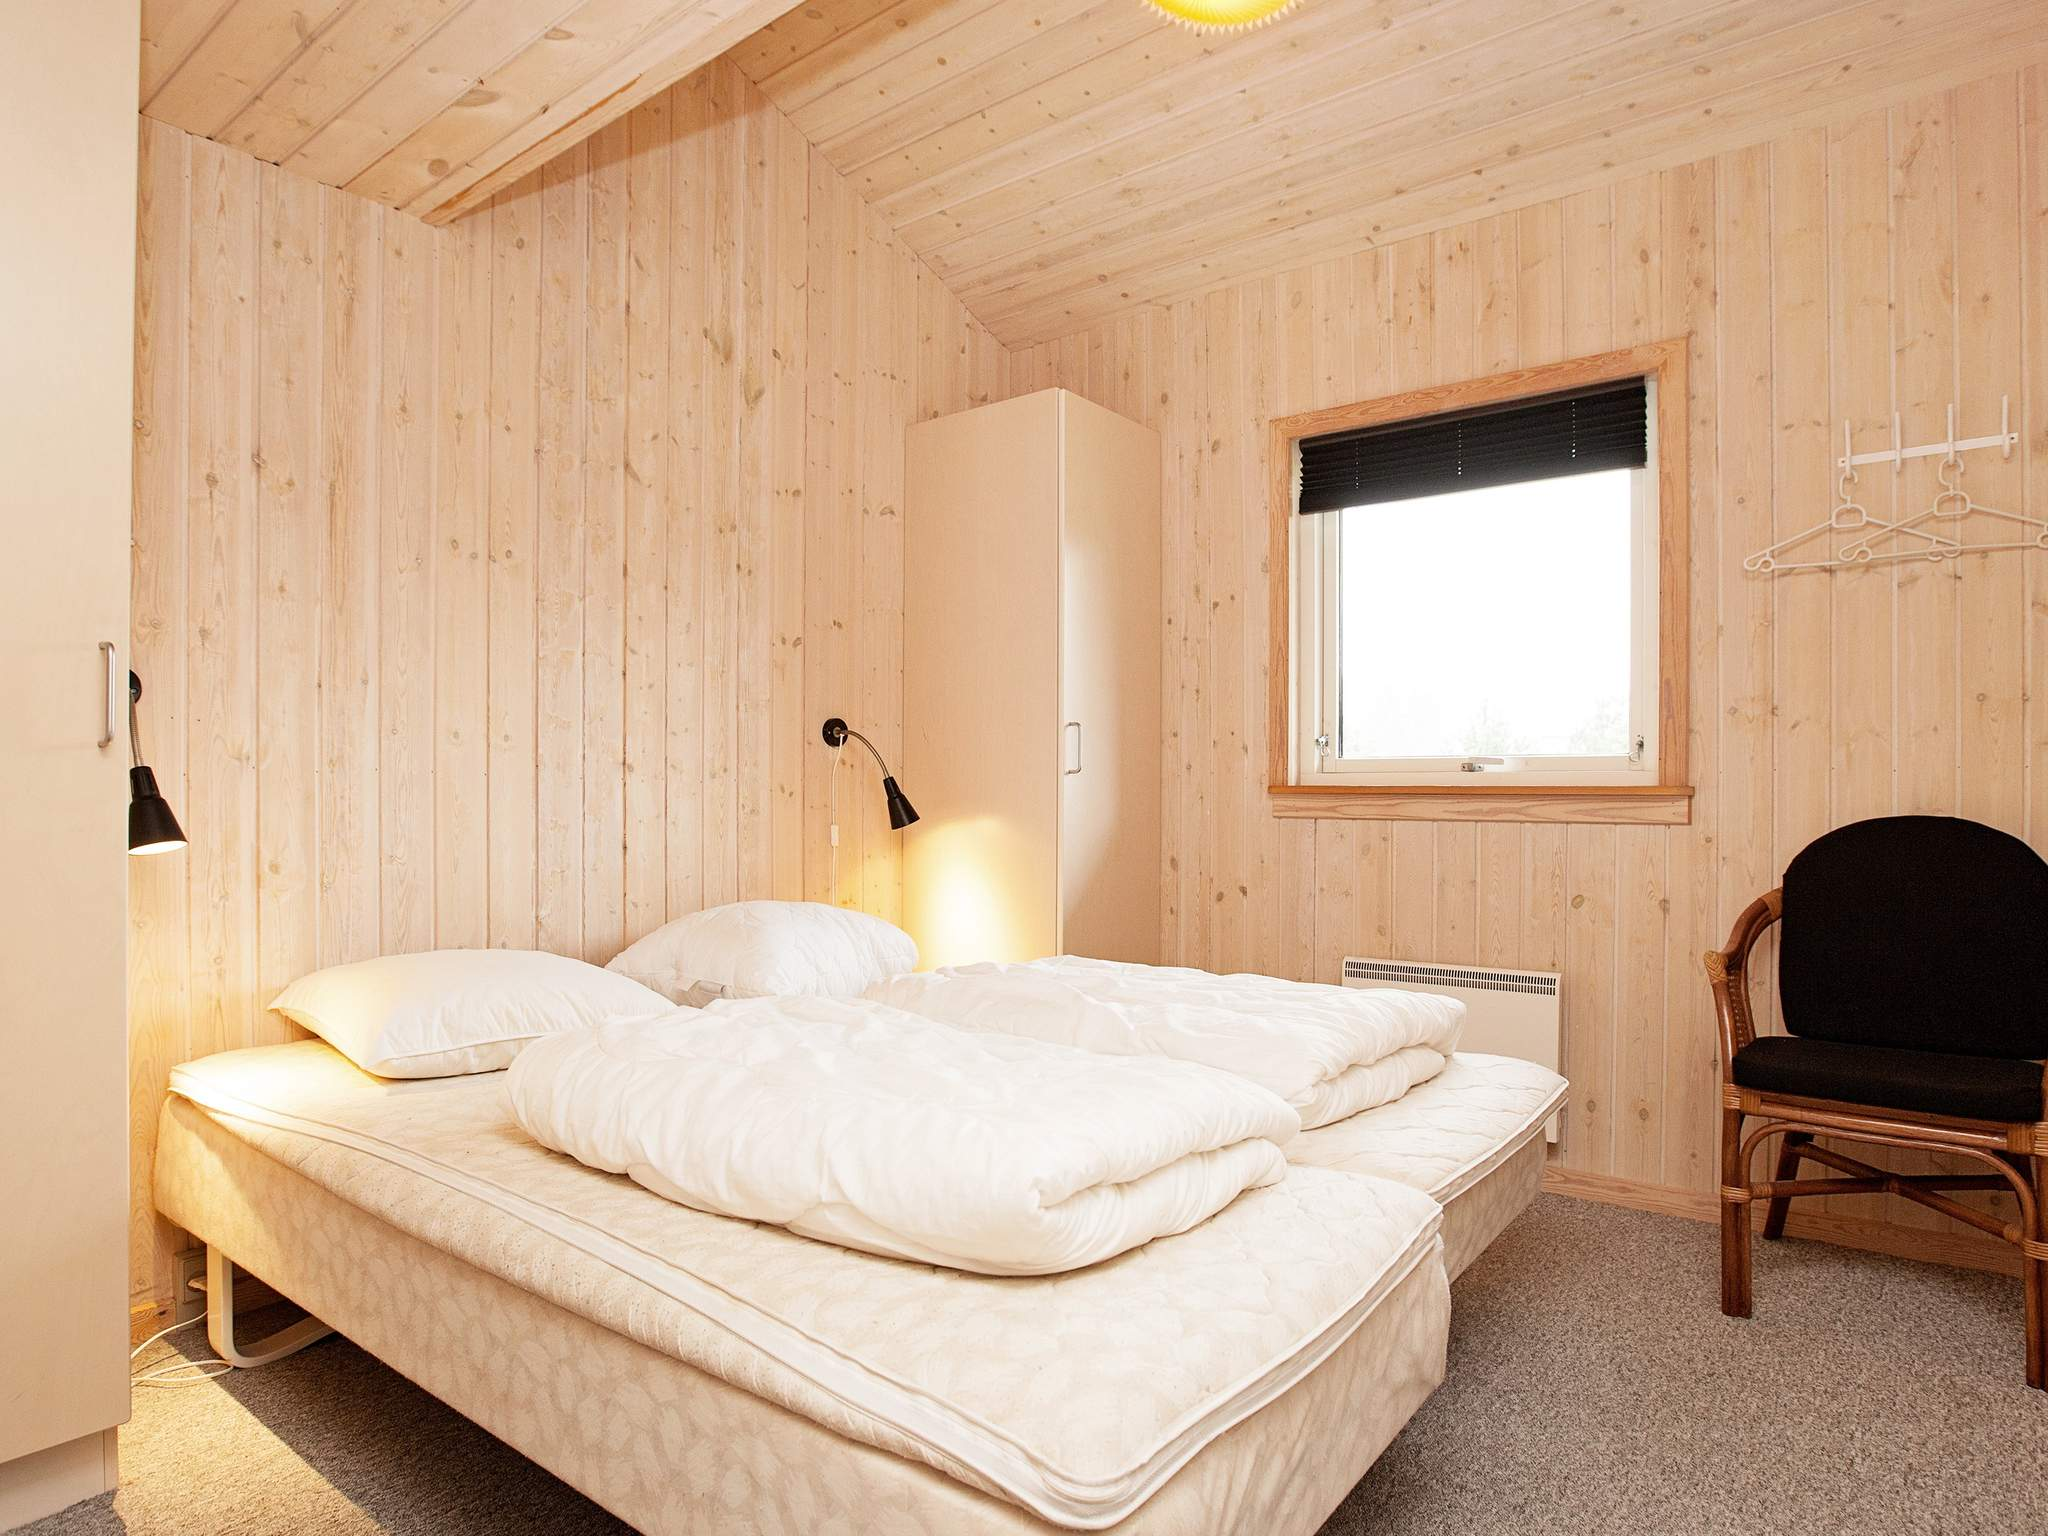 Ferienhaus Marielyst (82830), Marielyst, , Falster, Dänemark, Bild 4